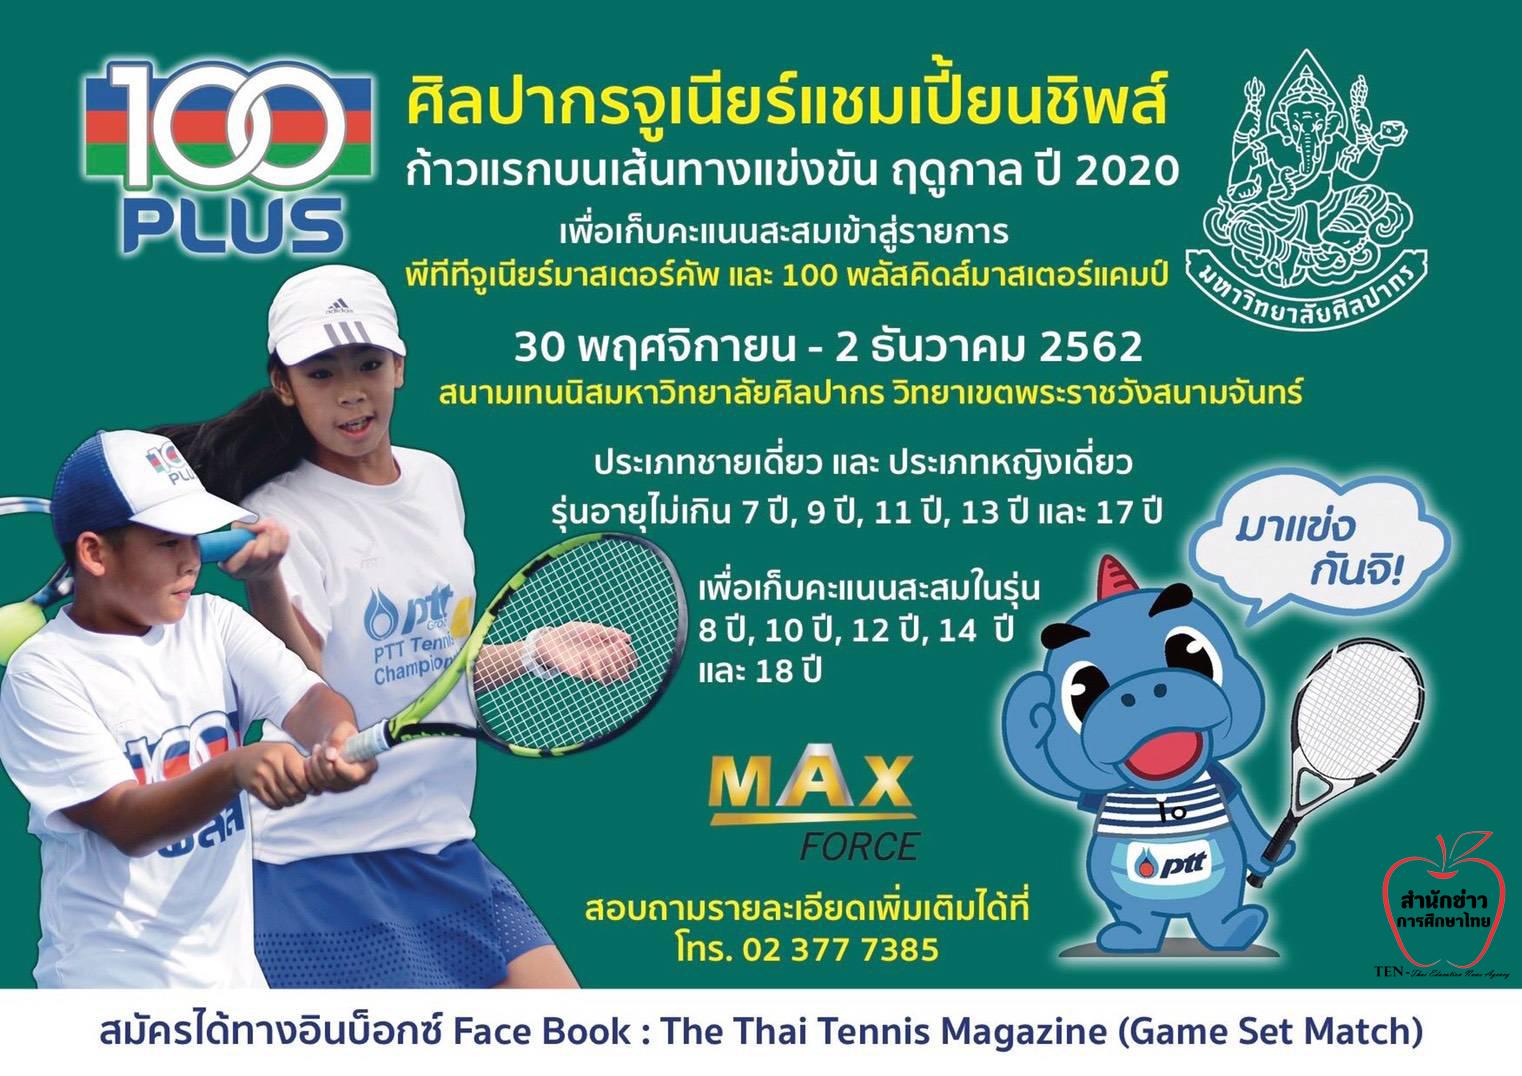 ศึกเทนนิส ด่านแรก สู่ รายการมาสเตอร์ 2020